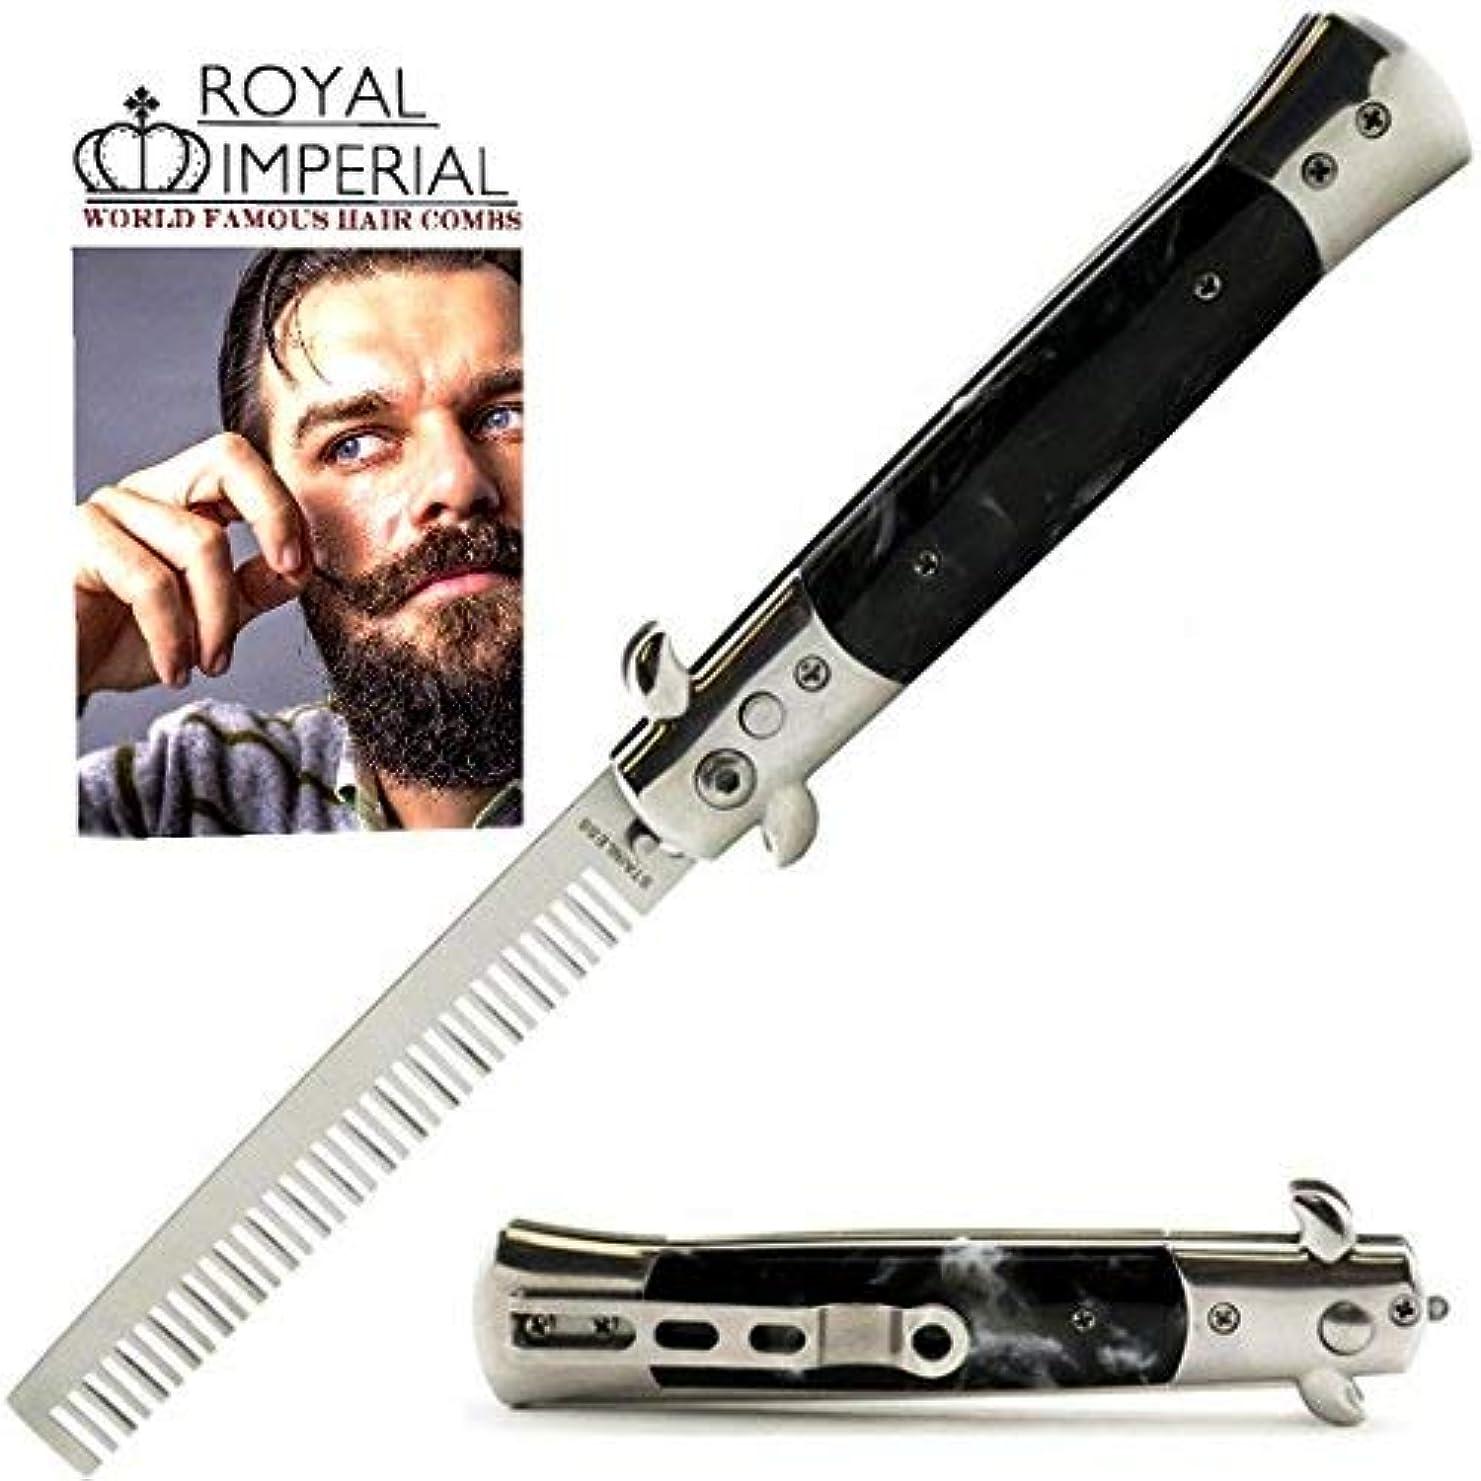 極端な絶壁彫るRoyal Imperial Metal Switchblade Pocket Folding Flick Hair Comb For Beard, Mustache, Head Black Pearl Handle ~...